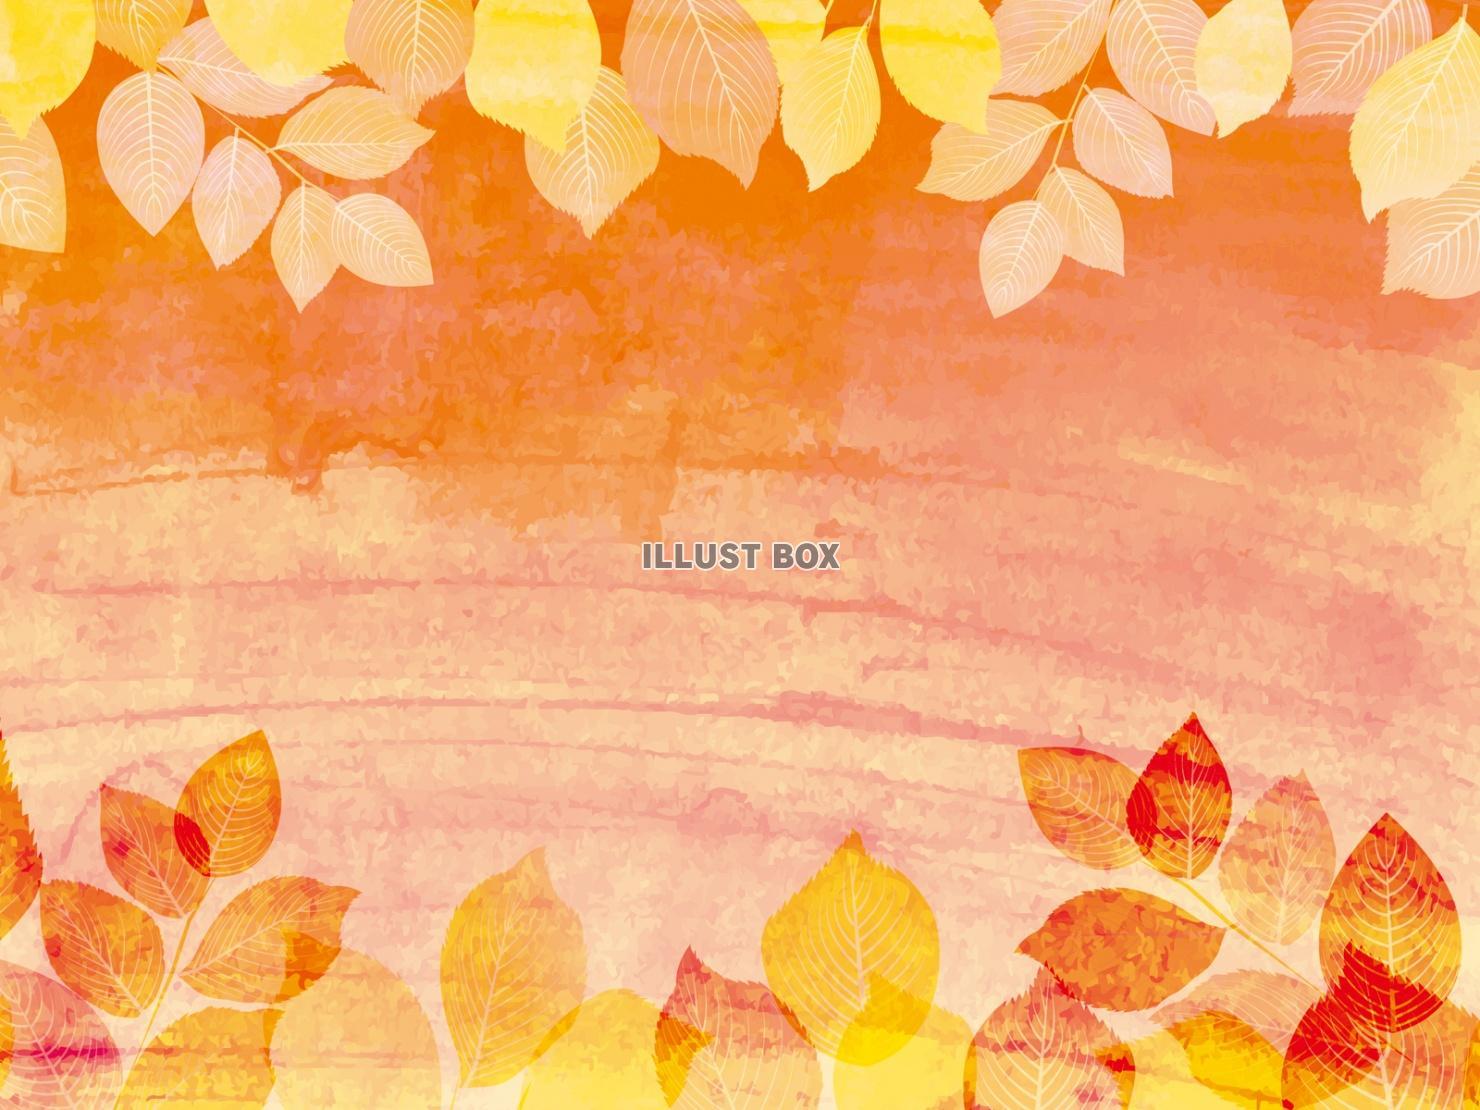 無料イラスト 紅葉背景壁紙葉っぱ10月11月和風植物シルエットフレーム